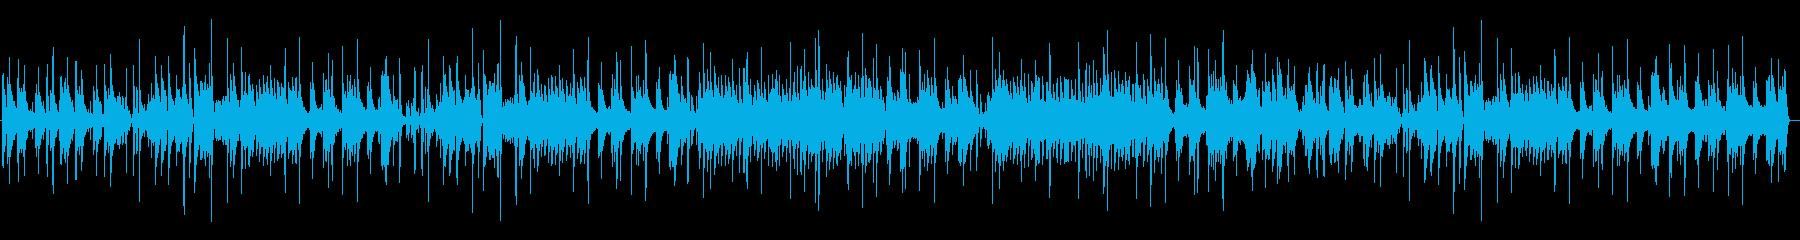 流れるようなムードで演奏するジャズ...の再生済みの波形